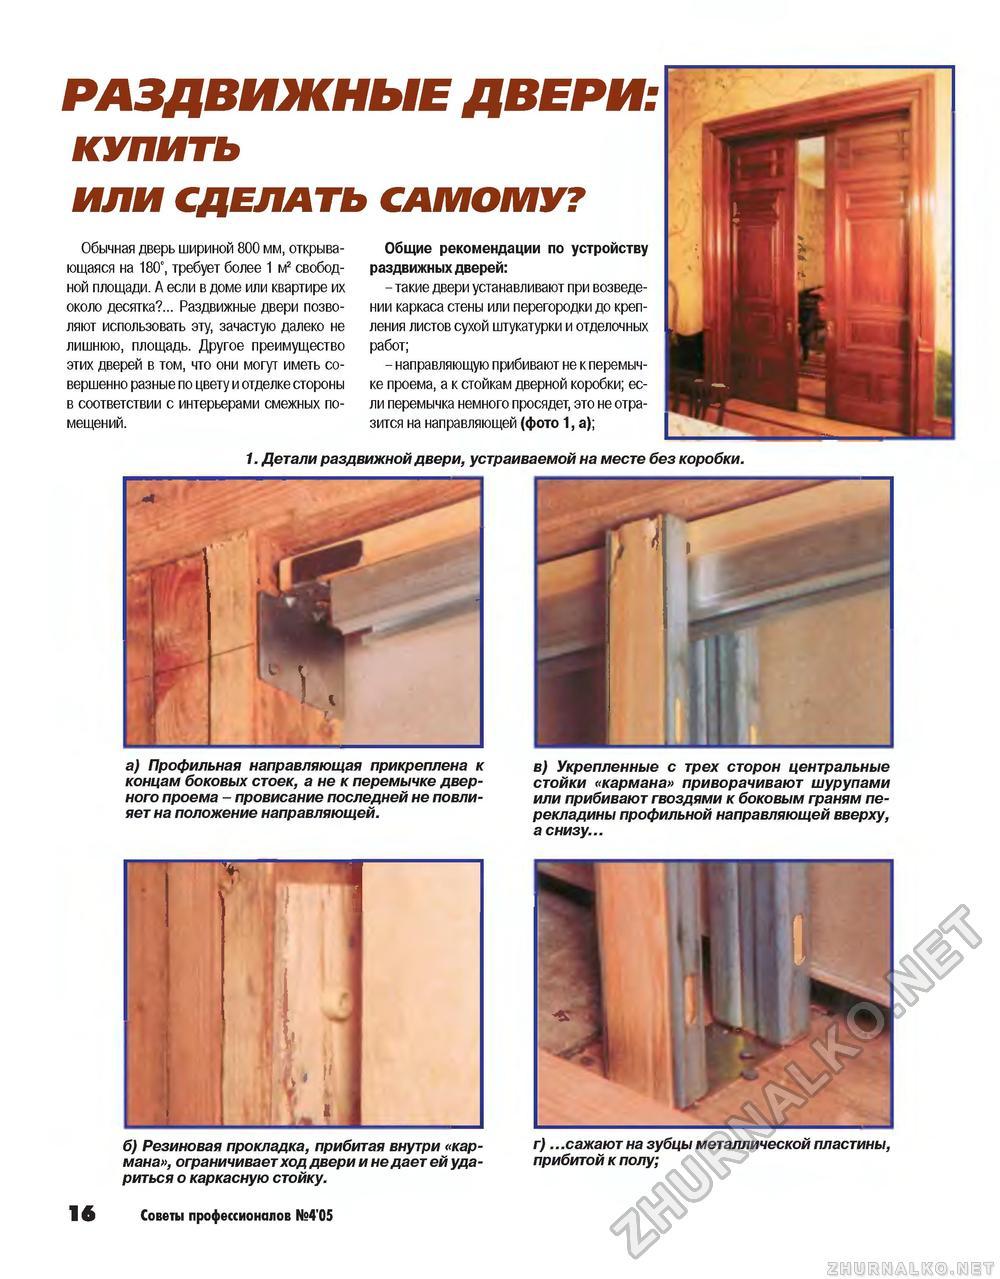 Раздвижные двери своими руками: сборка и технология установки